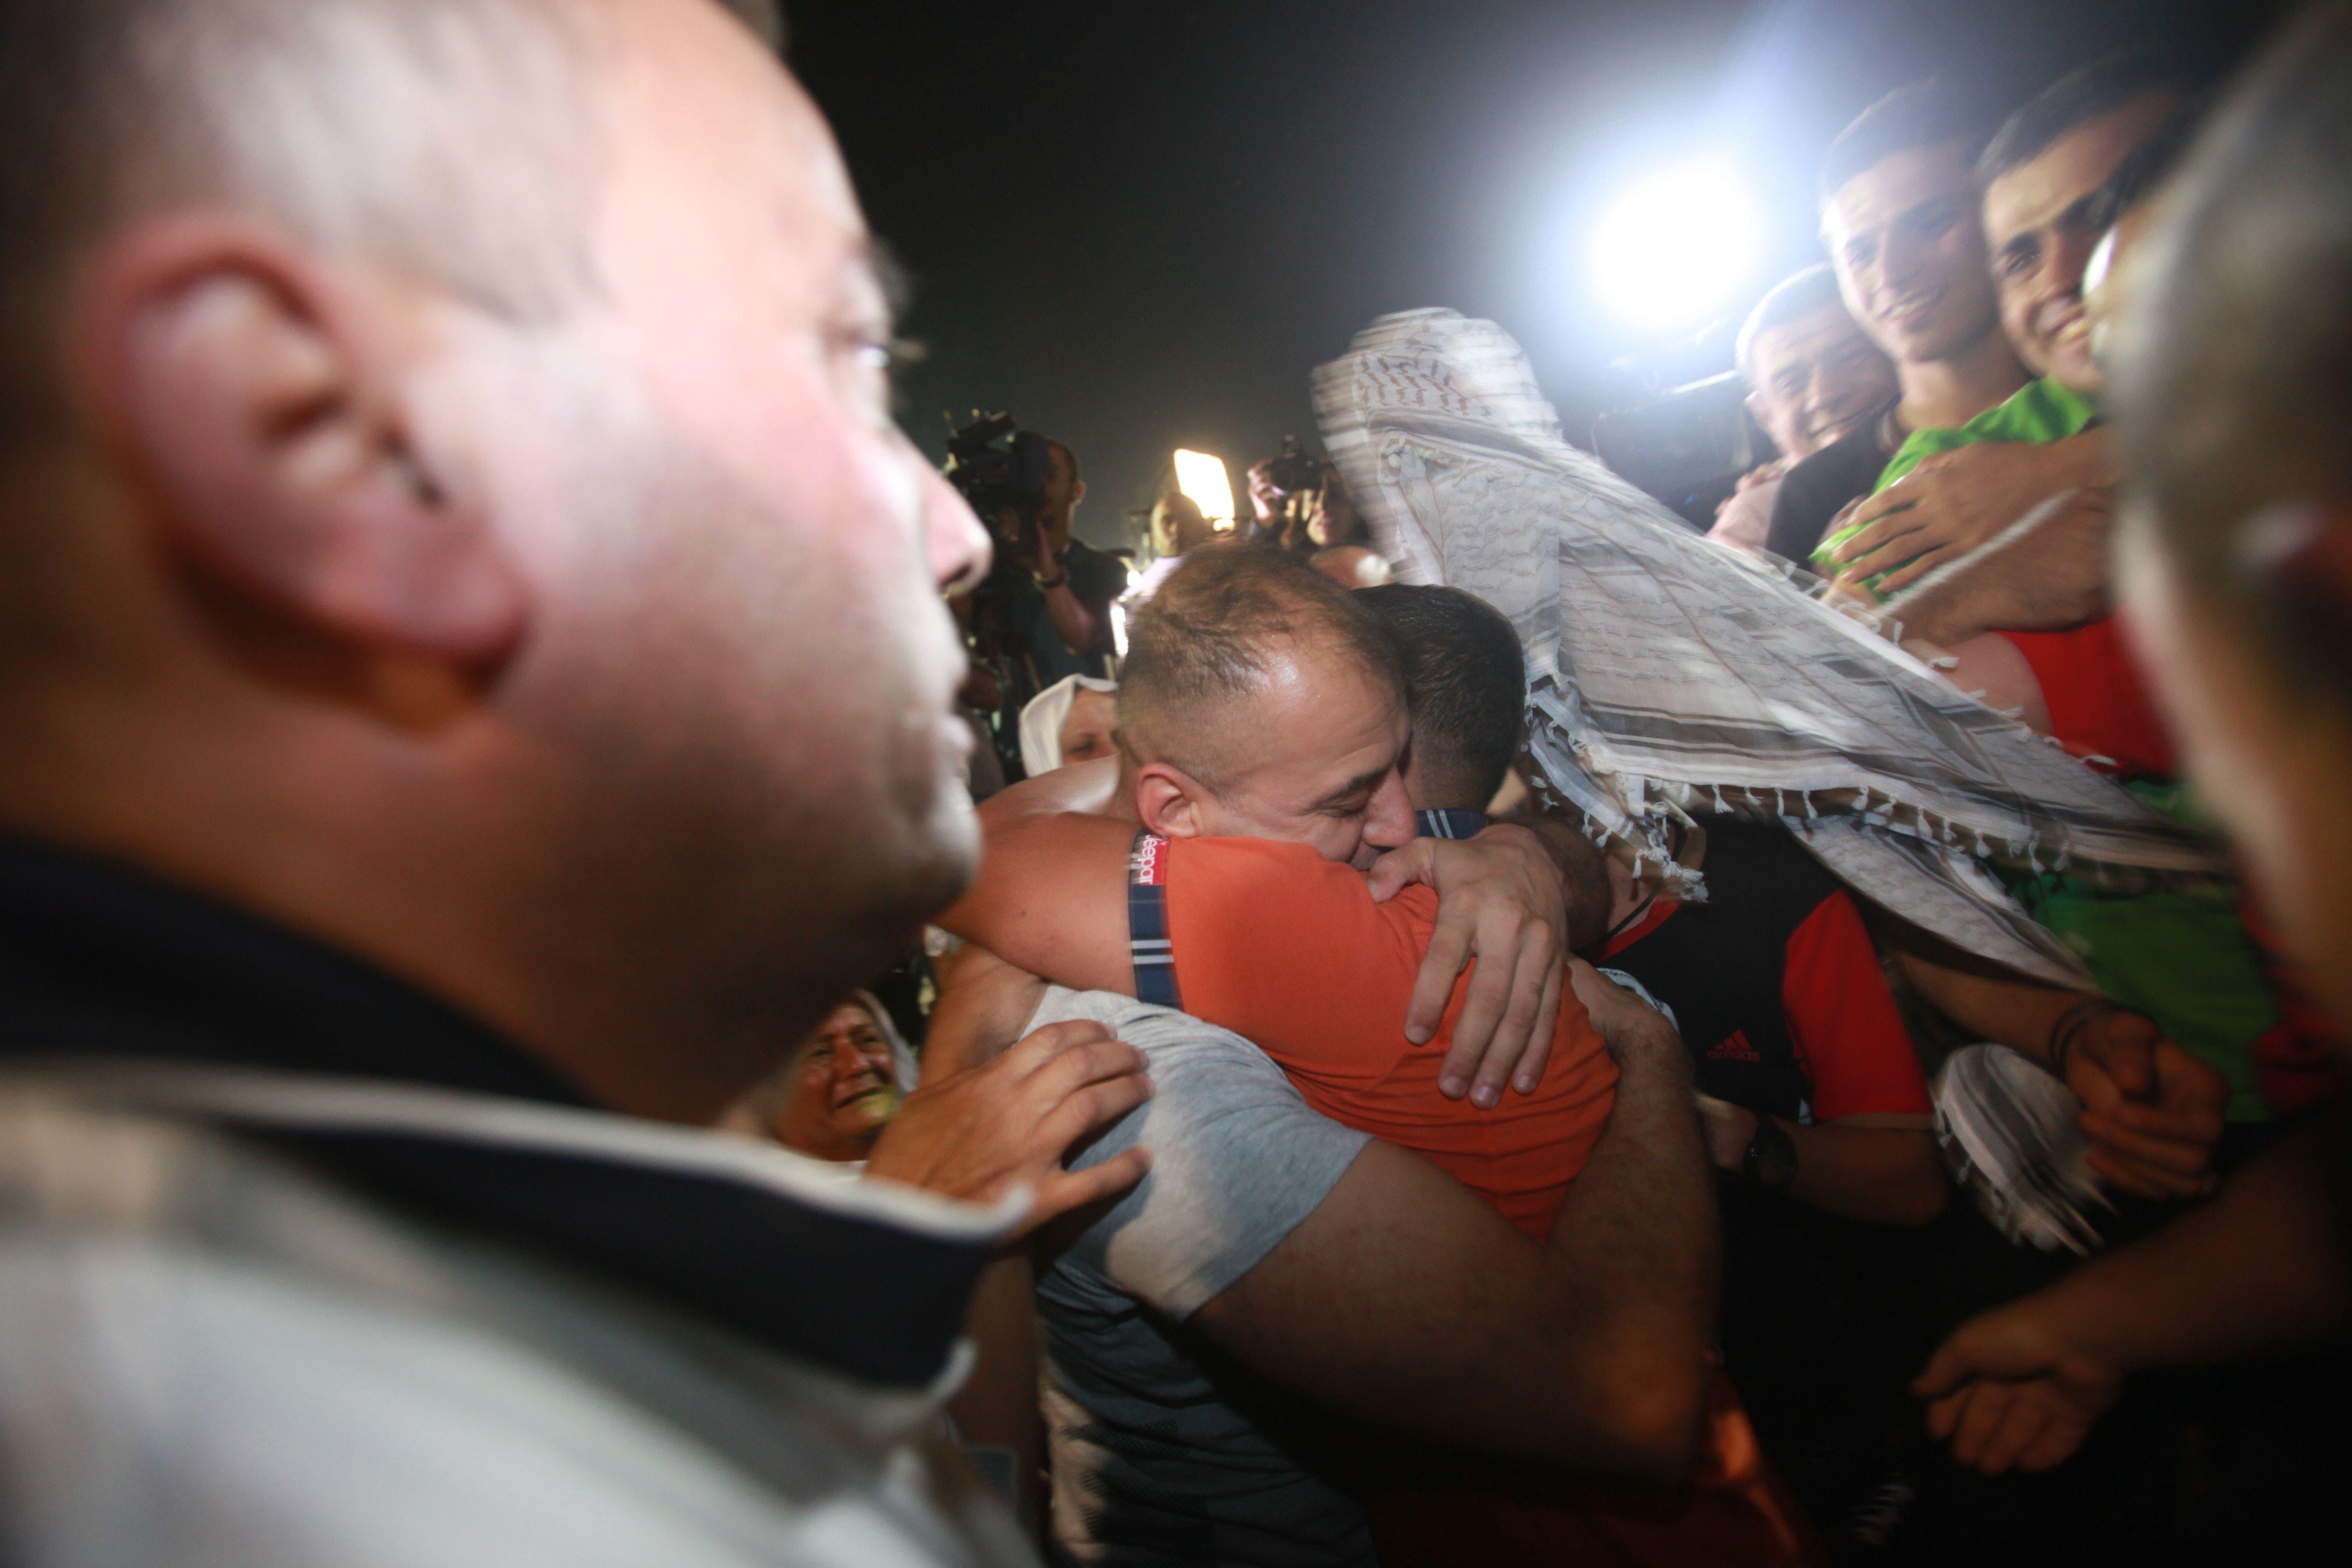 الإفراج عن الأسرى الفلسطينيين من سجن أيالون الإسرائيلي